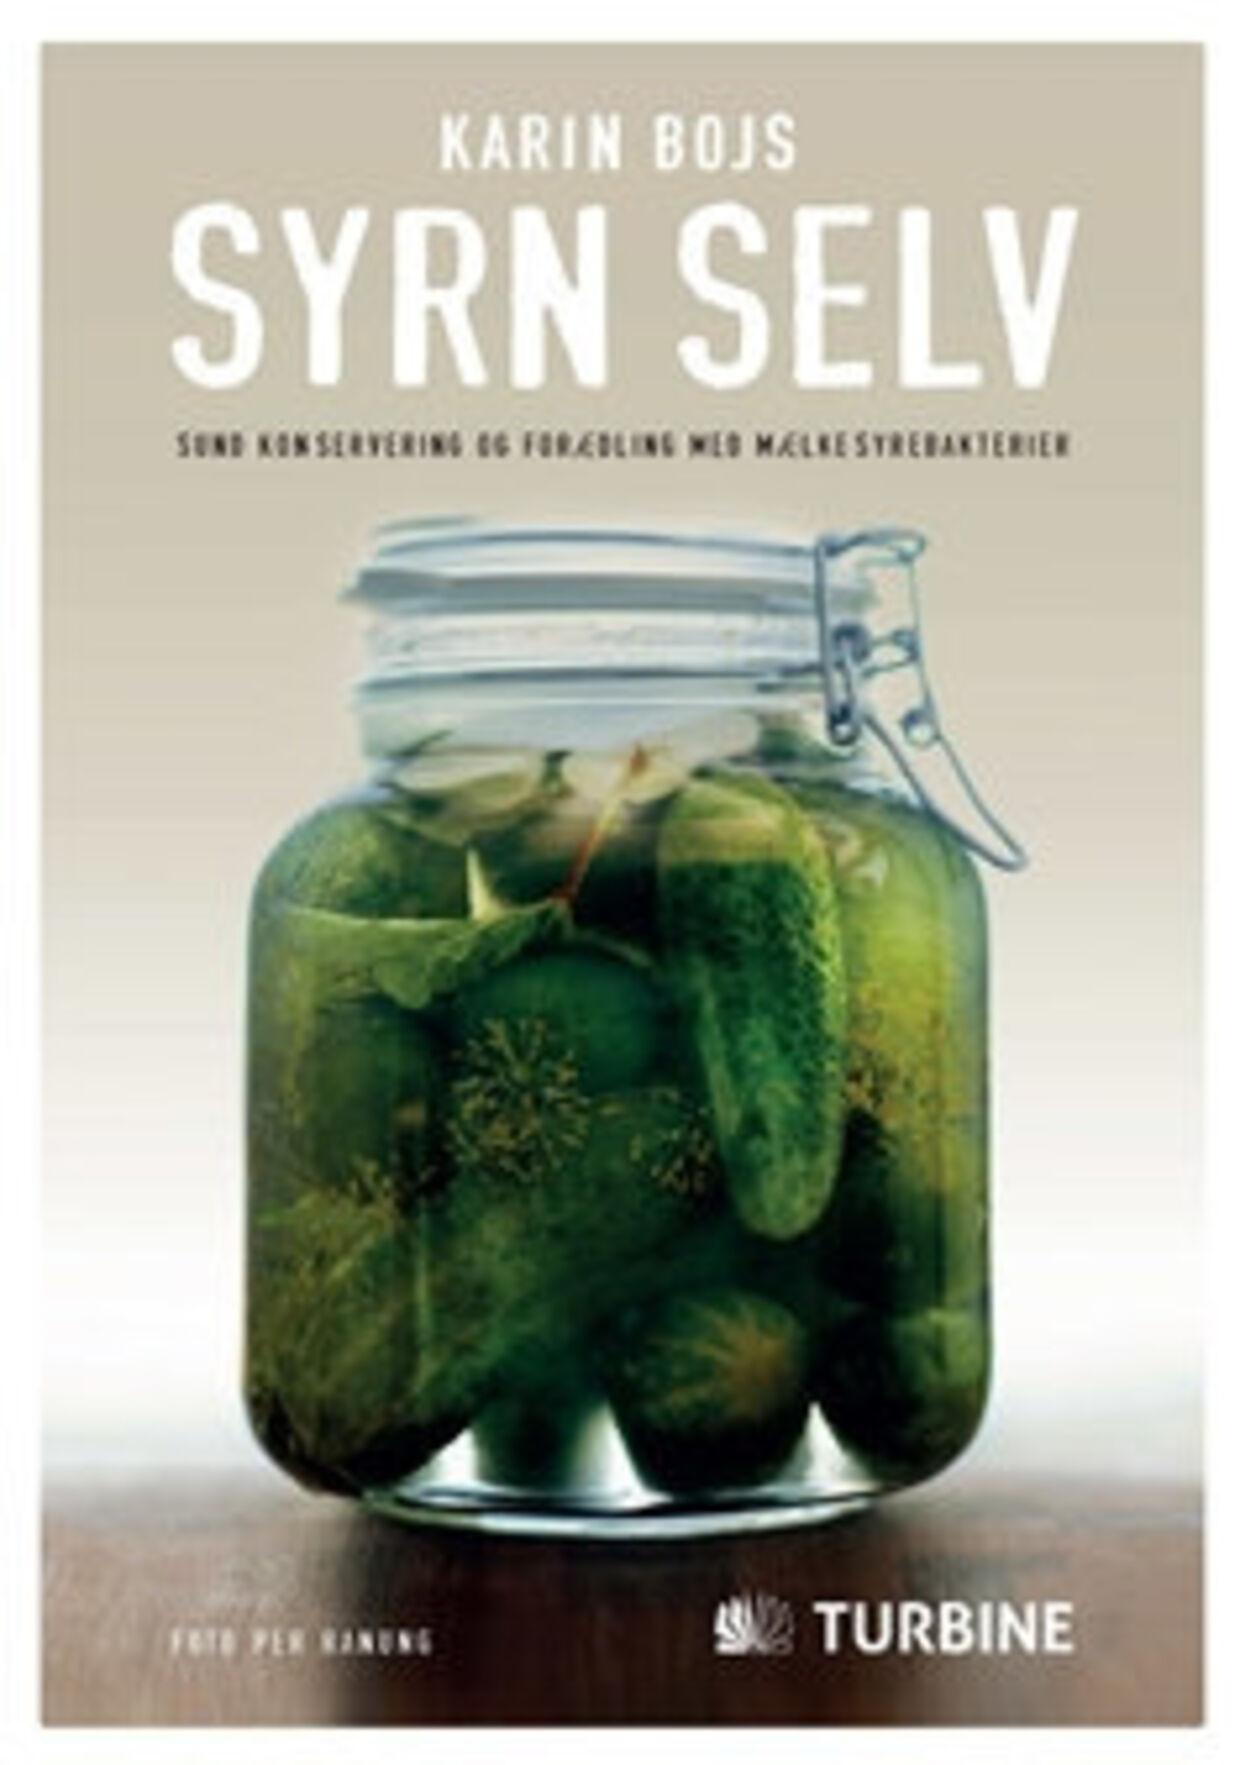 I 'Syrn selv' guider Karin Bojs dig gennem de enkelte trin til syrning af grøntsager og deler bl.a. opskrifter på retter fra hele Europa, hvor syrnet tilbehør passer til.